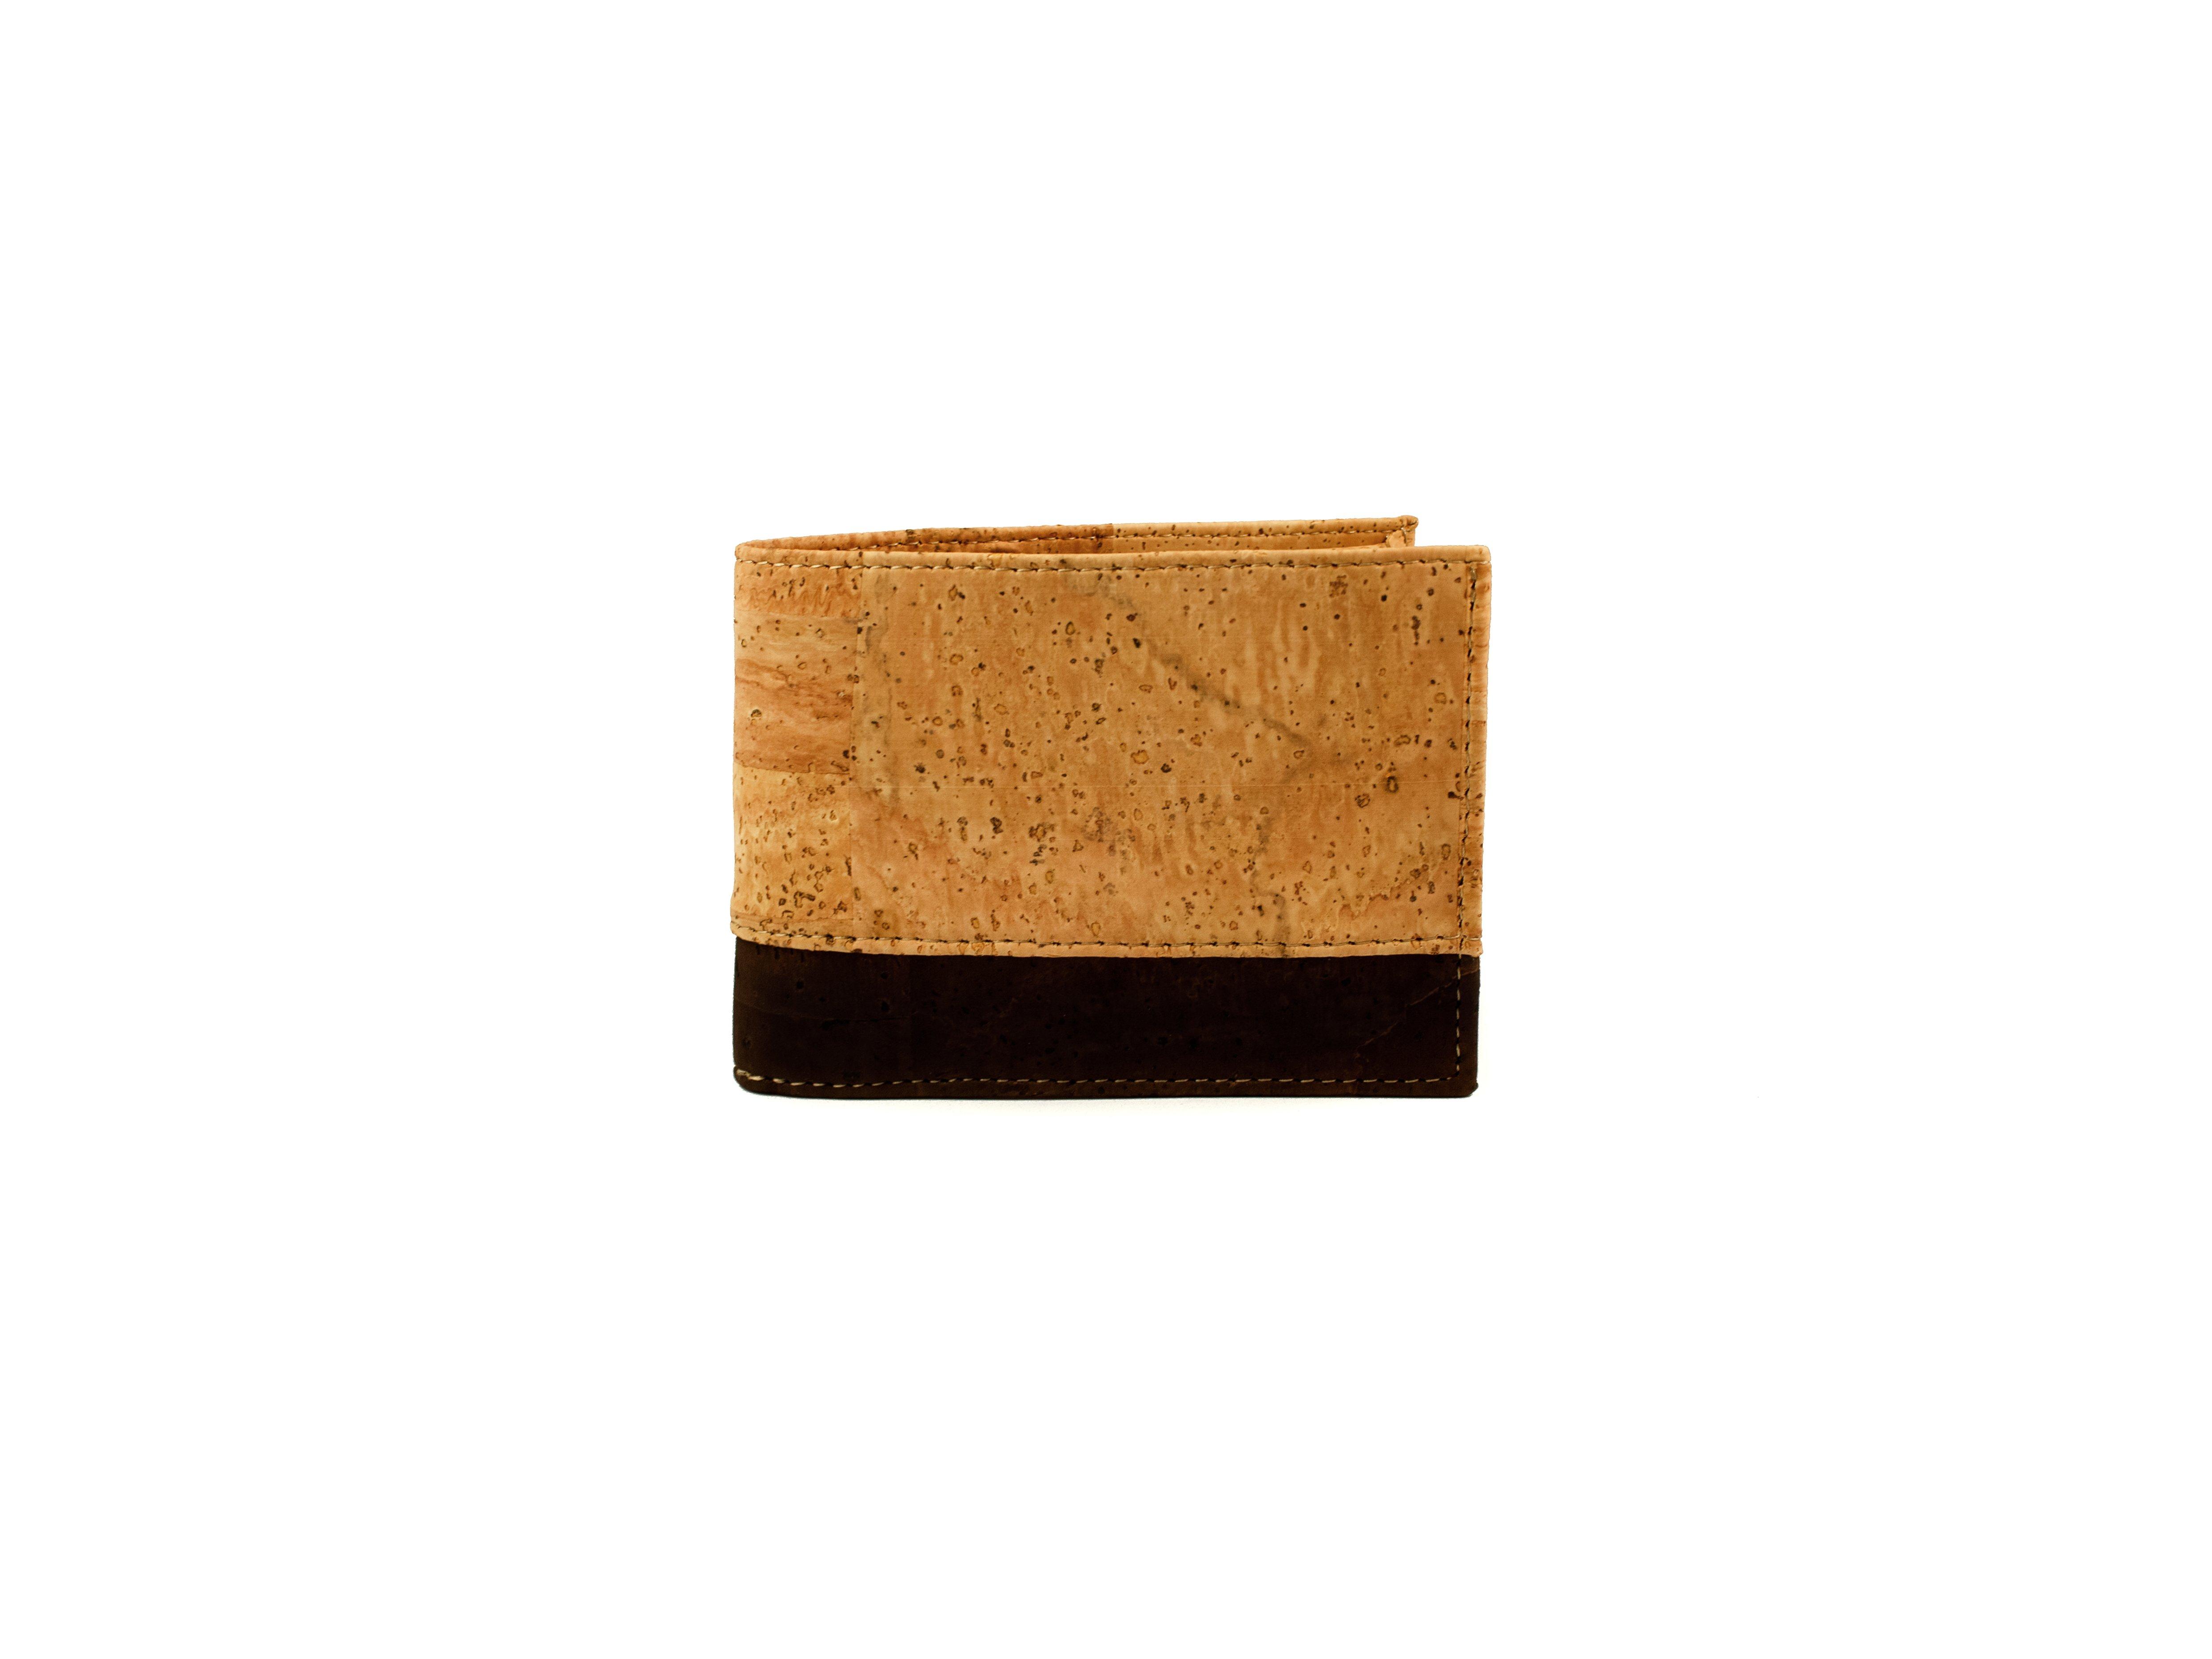 Buy cork wallet t81. Buy cork wallet t81 in Spain. Buy cork wallet t81 in Portugal. Buy cork wallet t81 in the Canary Islands